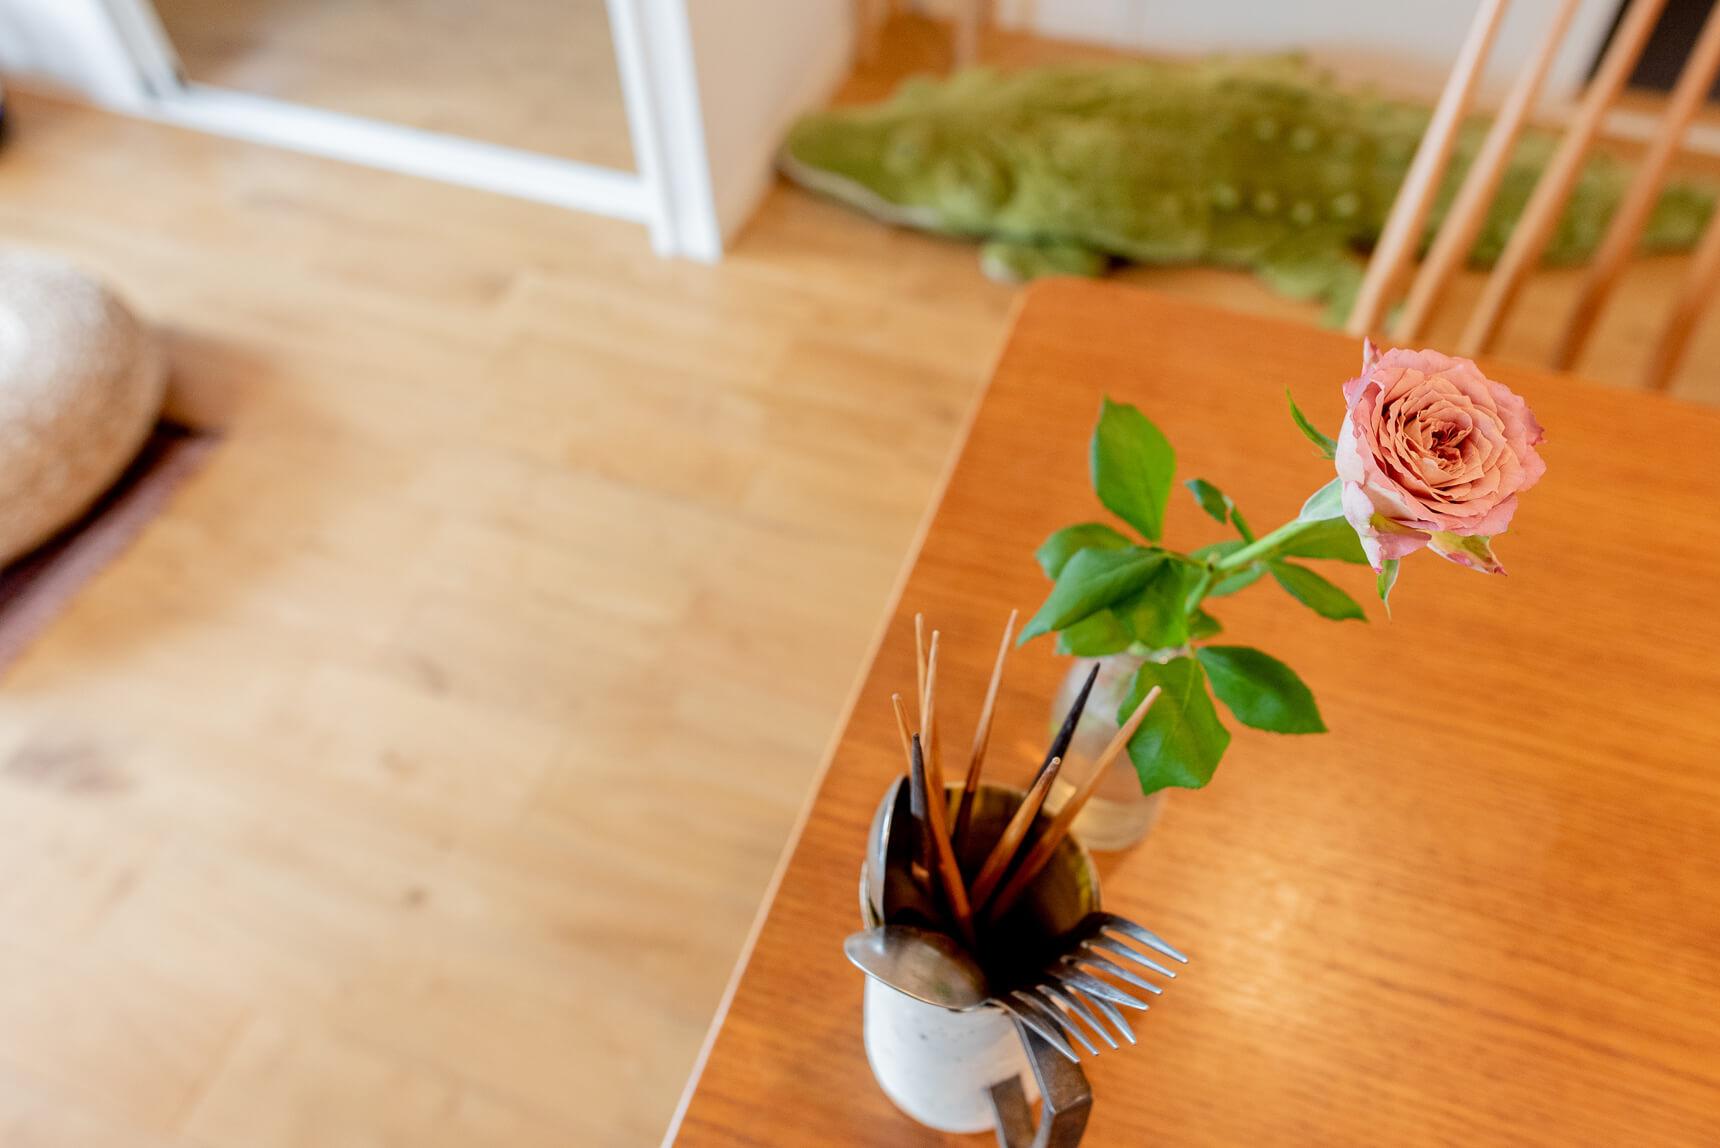 「少しでもガーリーっぽさを、と、部屋のあちこちに花を置いています」と純子さん。花による抵抗運動。すてき。